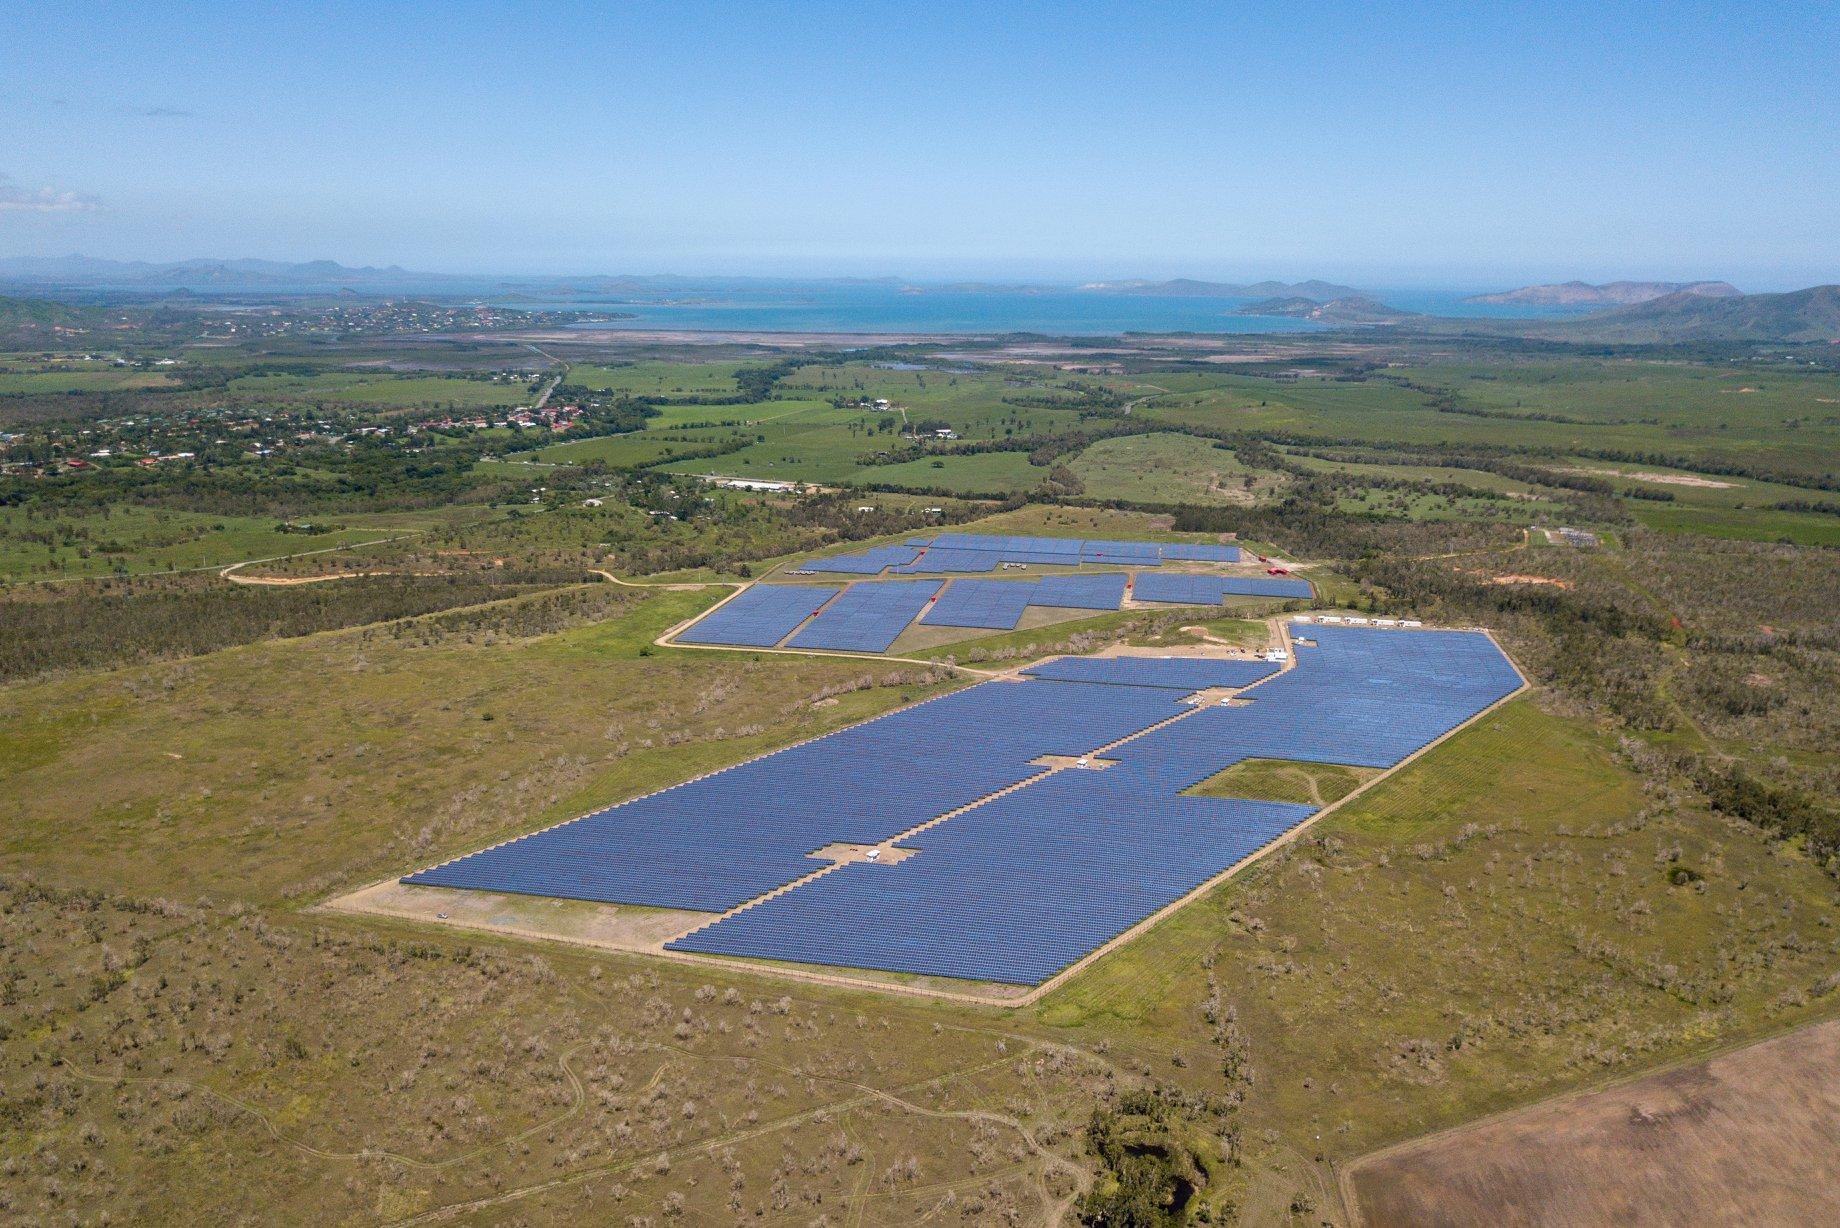 """Centrale solaire photovoltaïque """"Helio Boulouparis 2"""" de 16MW au premier plan– Source: Nicolas Job // Heos Marine Pacifique"""